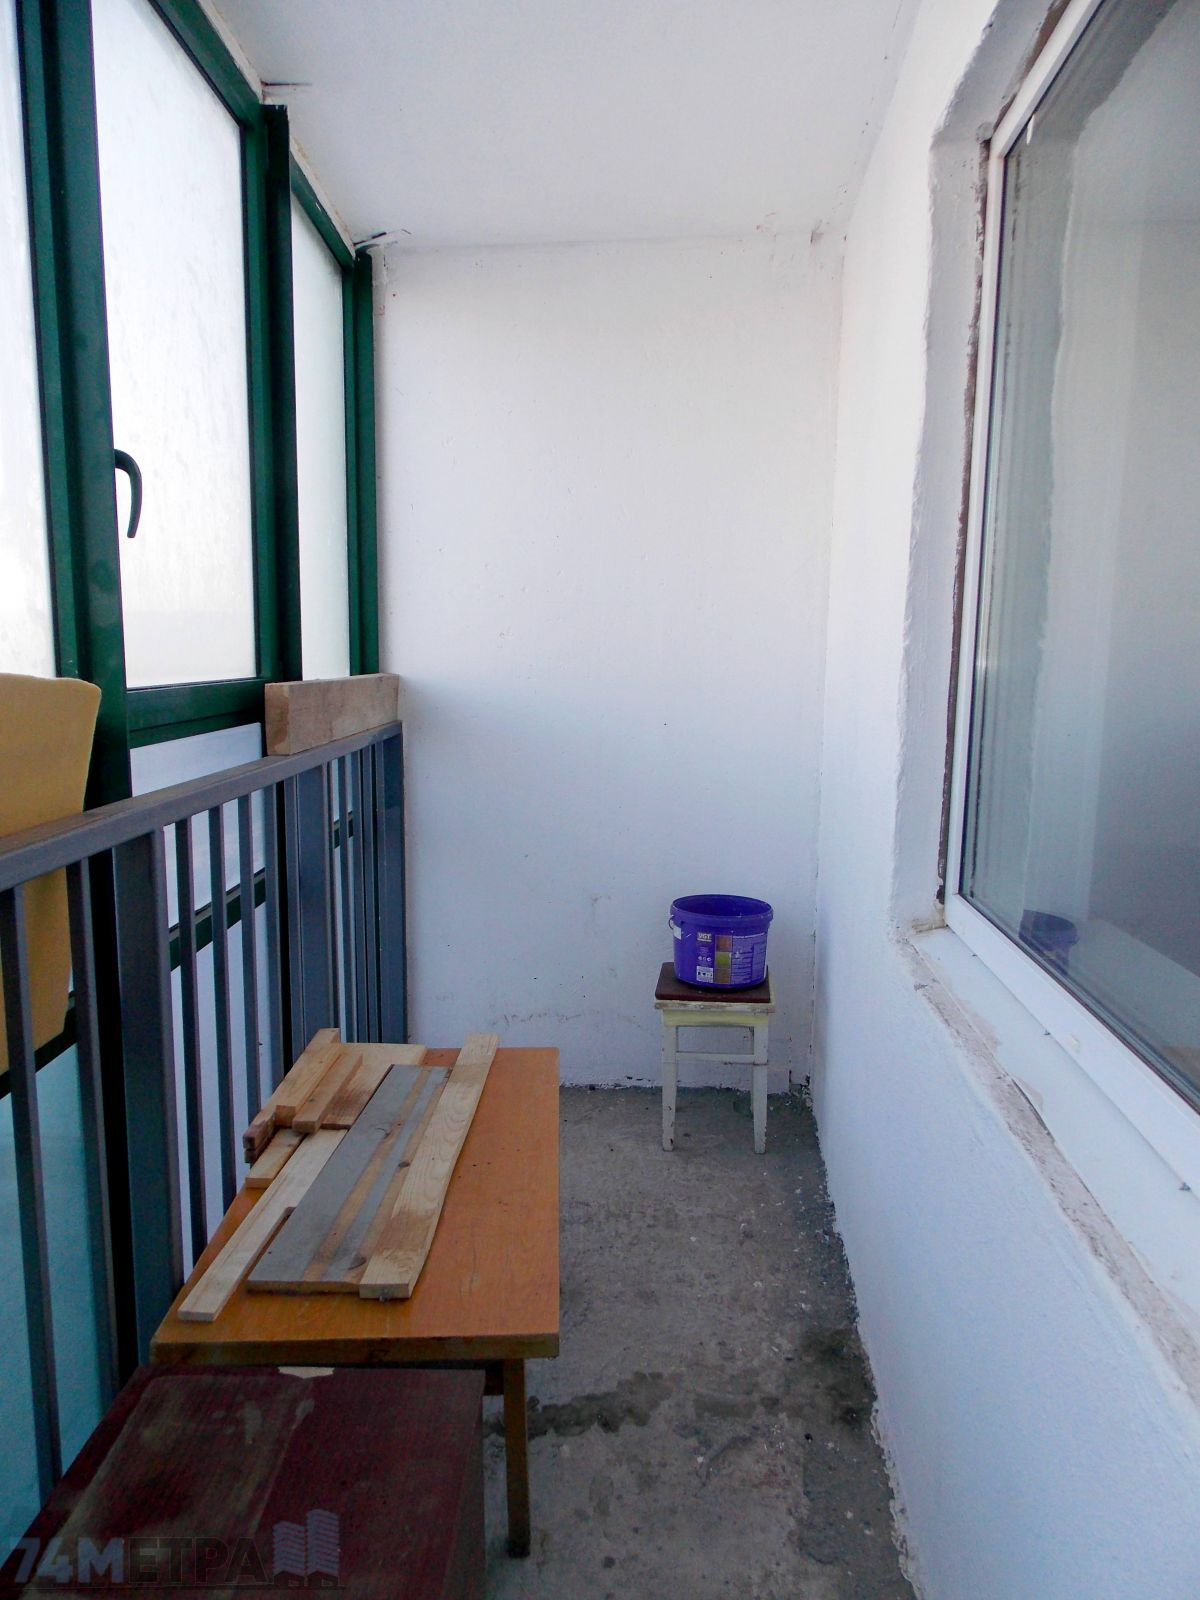 6 000 ₽, 1 - комнатная квартира, площадь 26 м², этаж 5/19